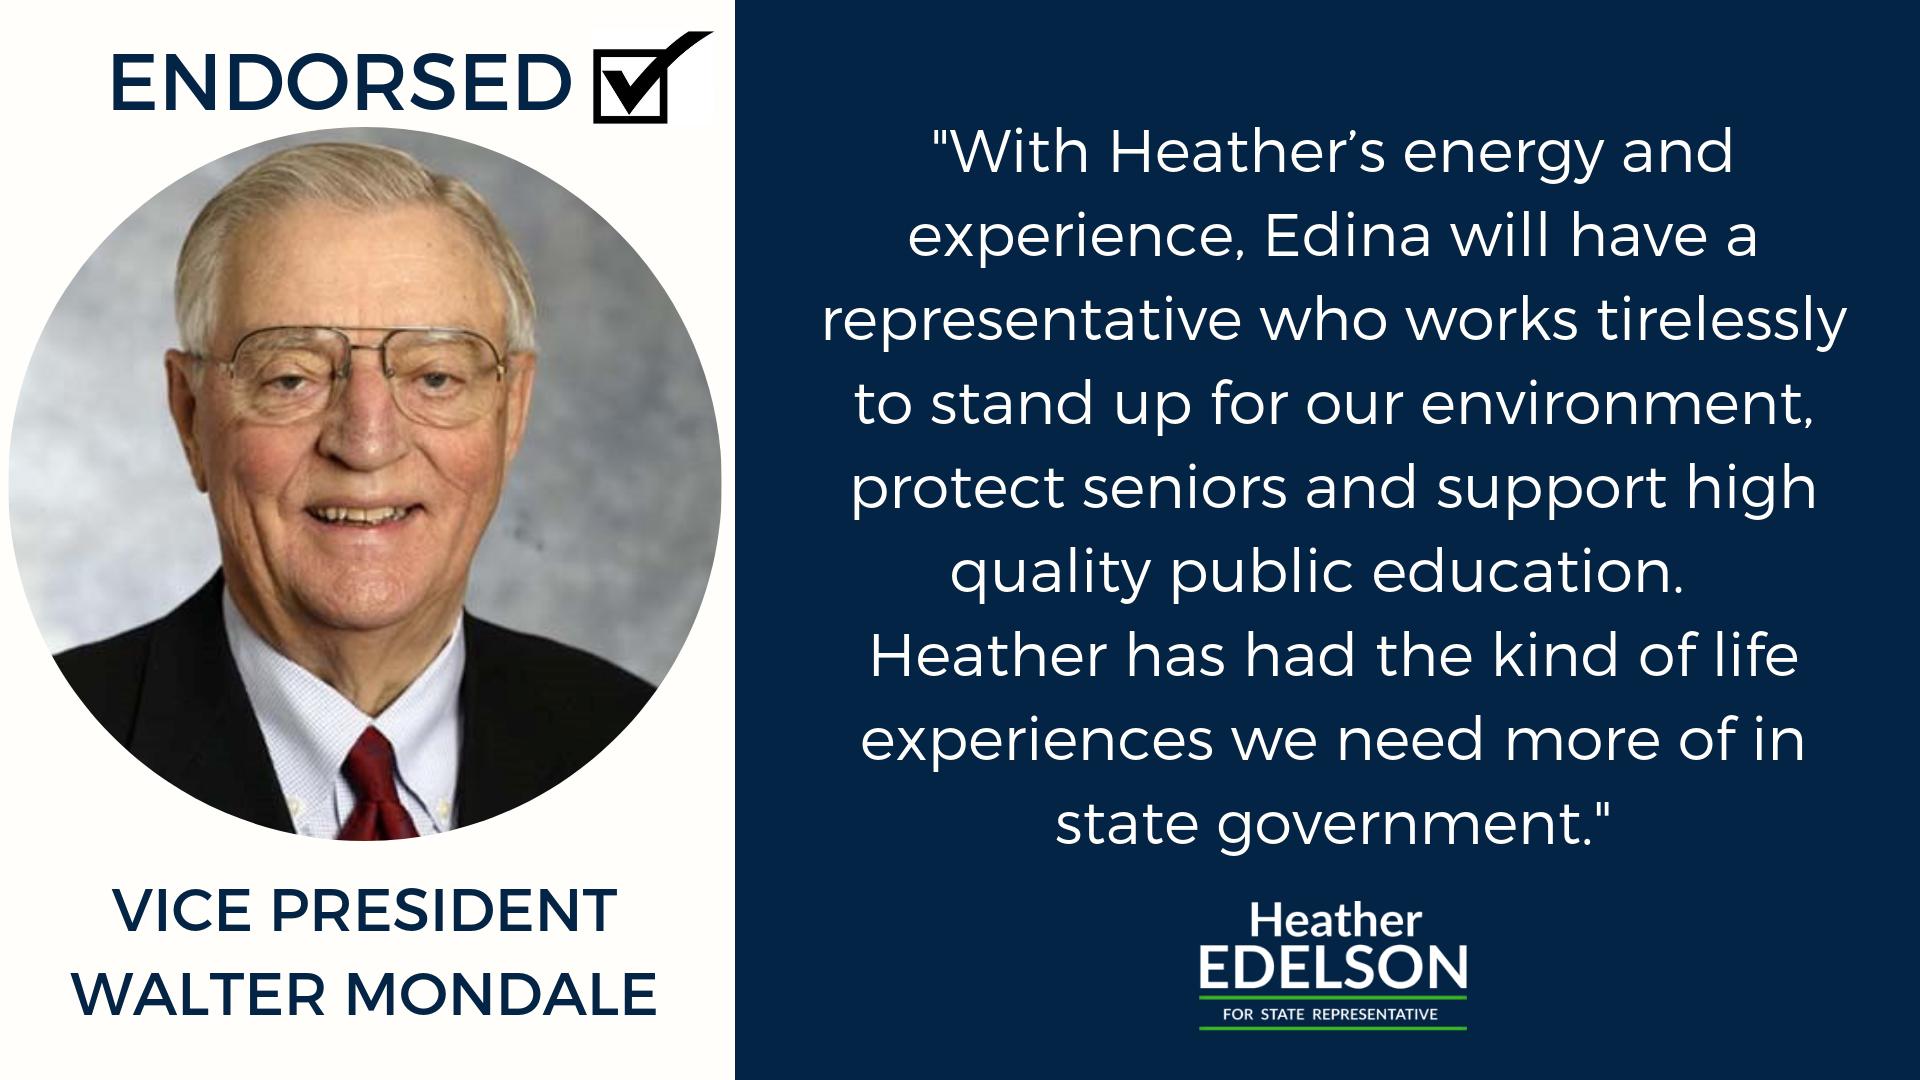 Walter Mondale endorsement (2).png